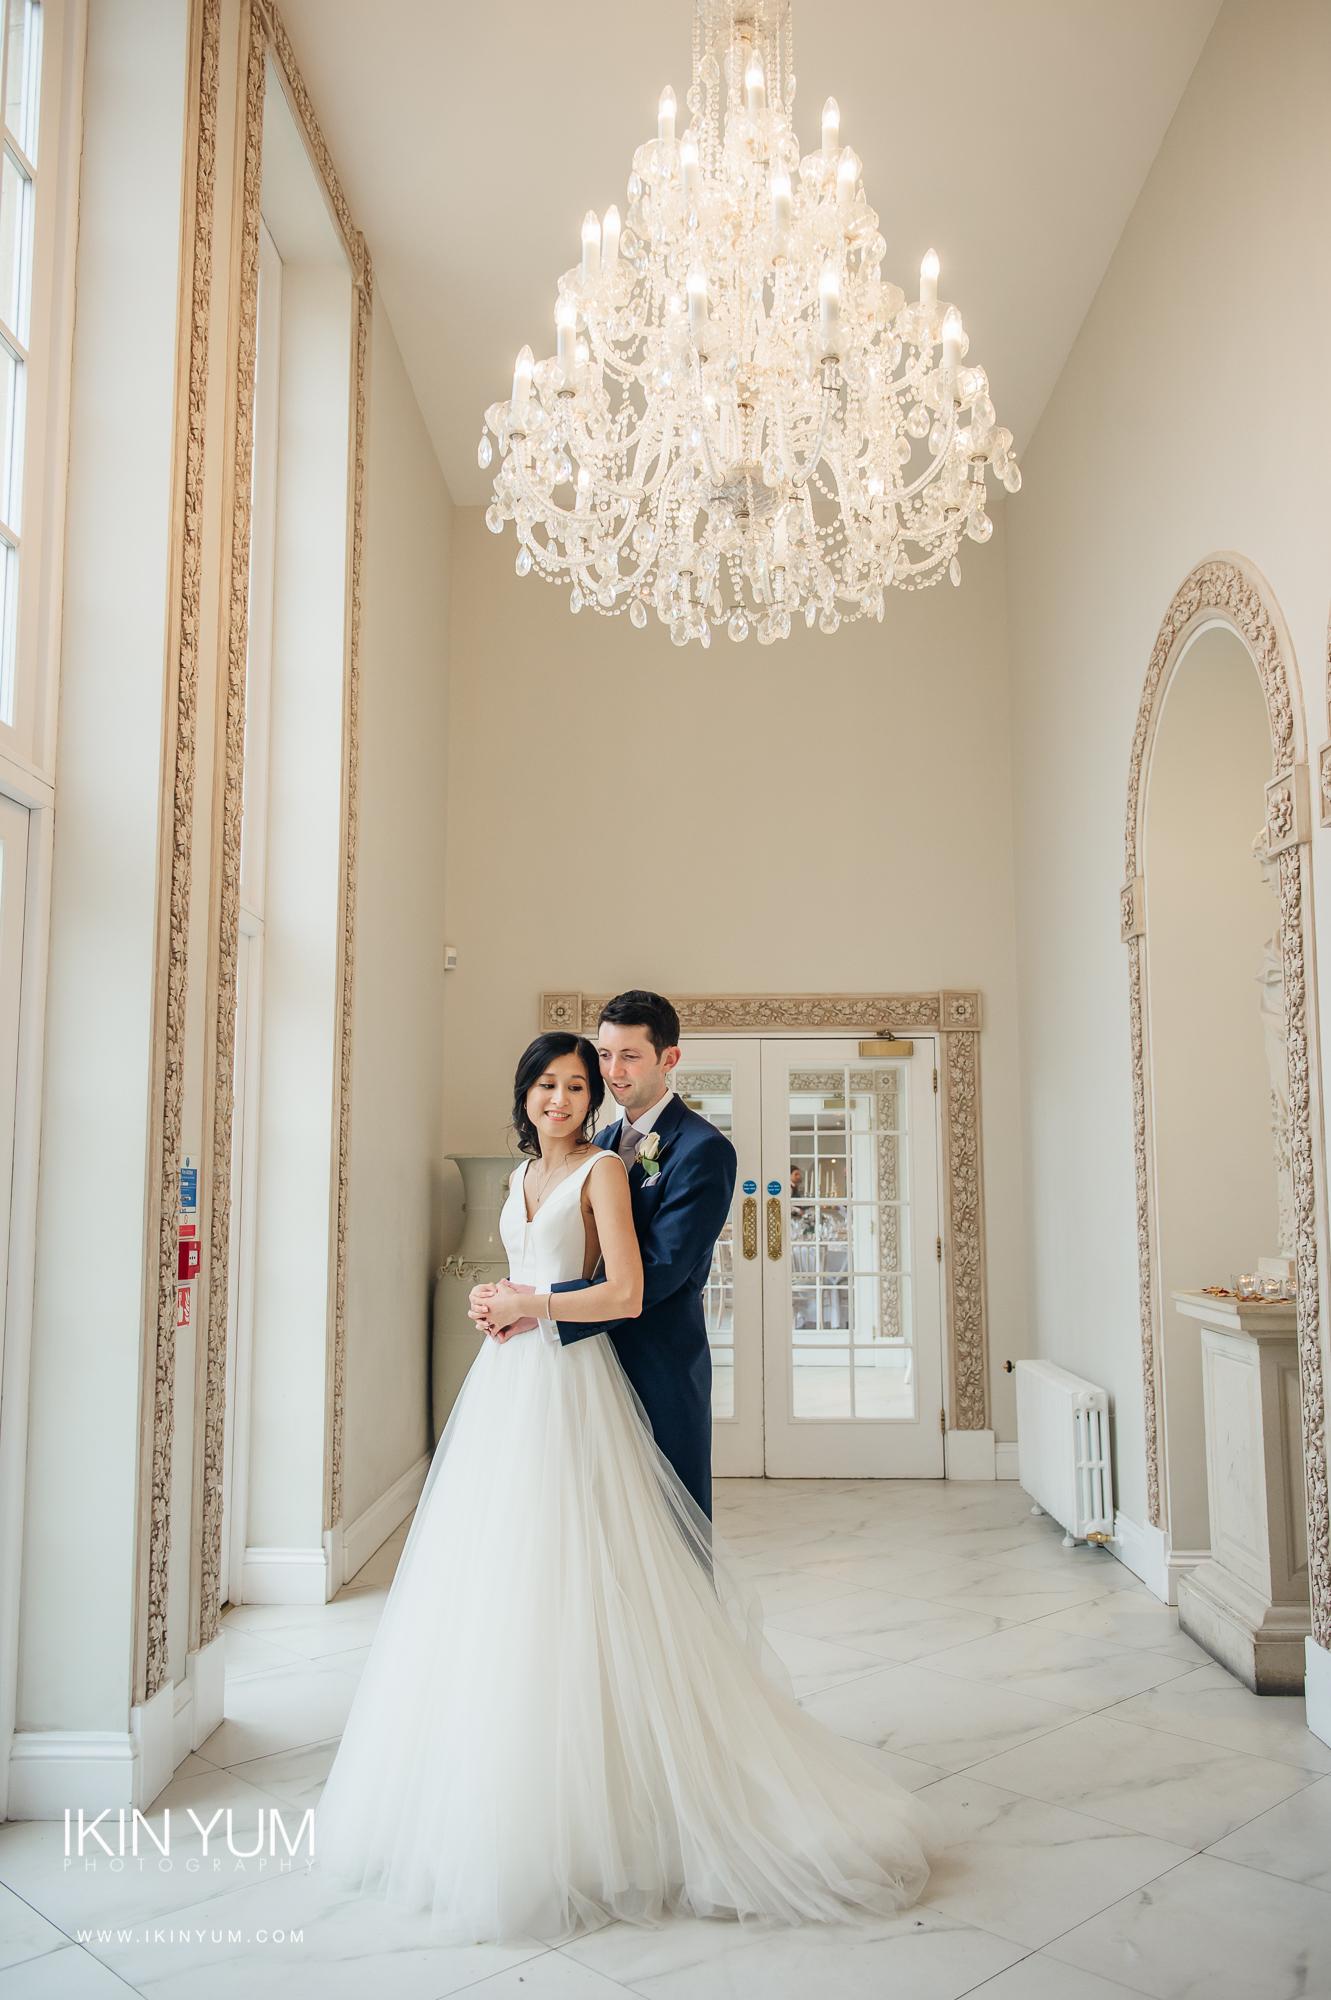 Nicola & Jonny Wedding Day - Ikin Yum Photography-098.jpg